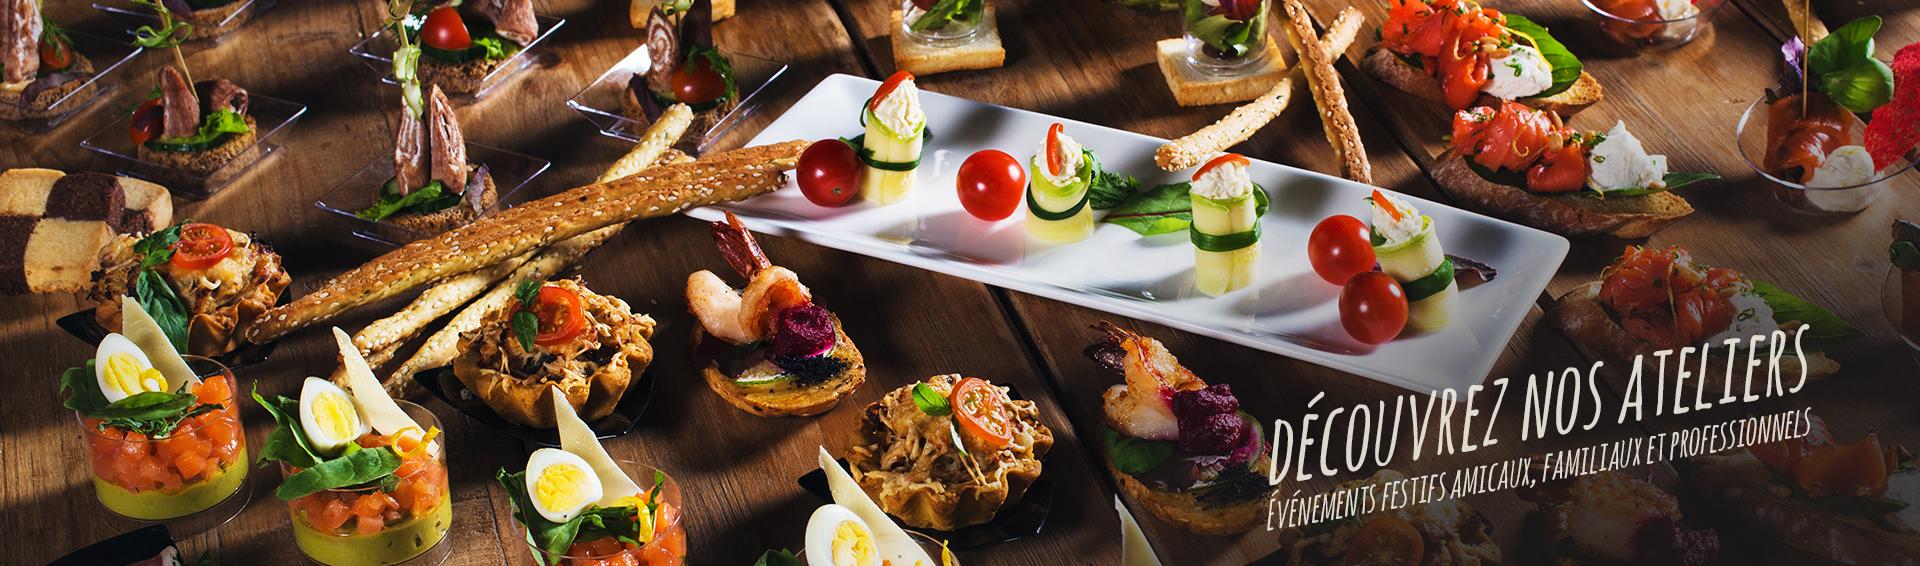 Cours de cuisine dijon atelier chef domicile en - Cours de cuisine dijon atelier des chefs ...